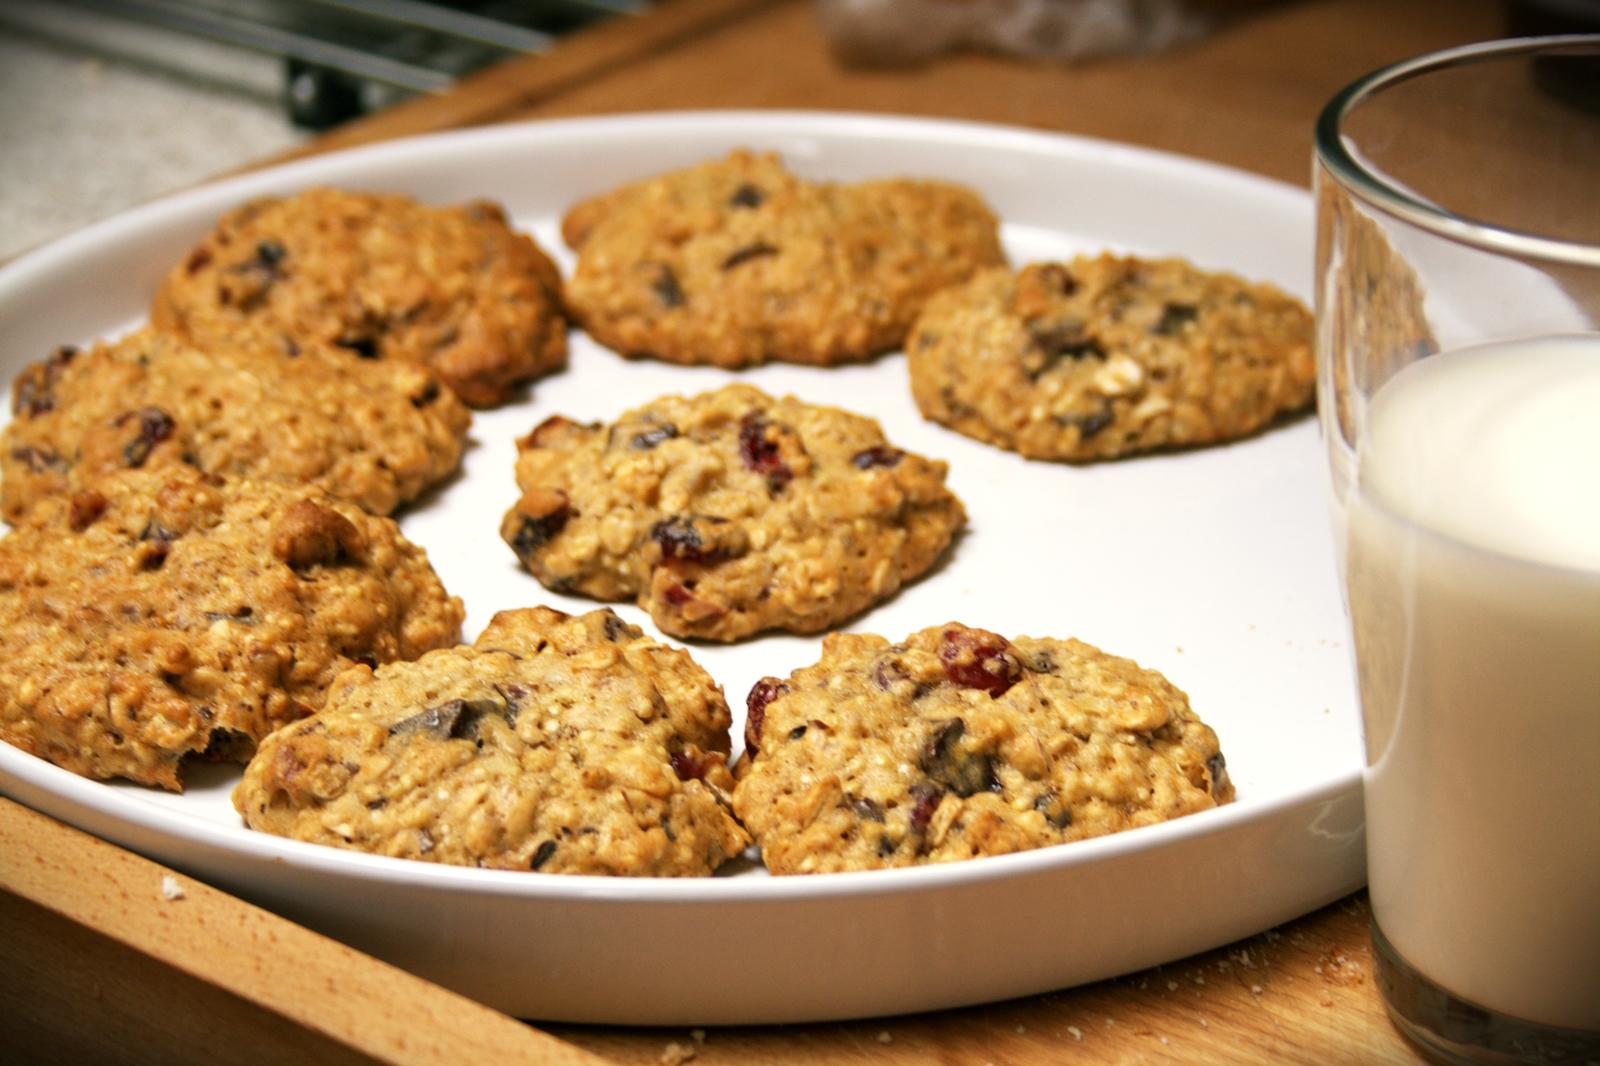 JosieLee: Chocolate-Cranberry Quinoa Cookies